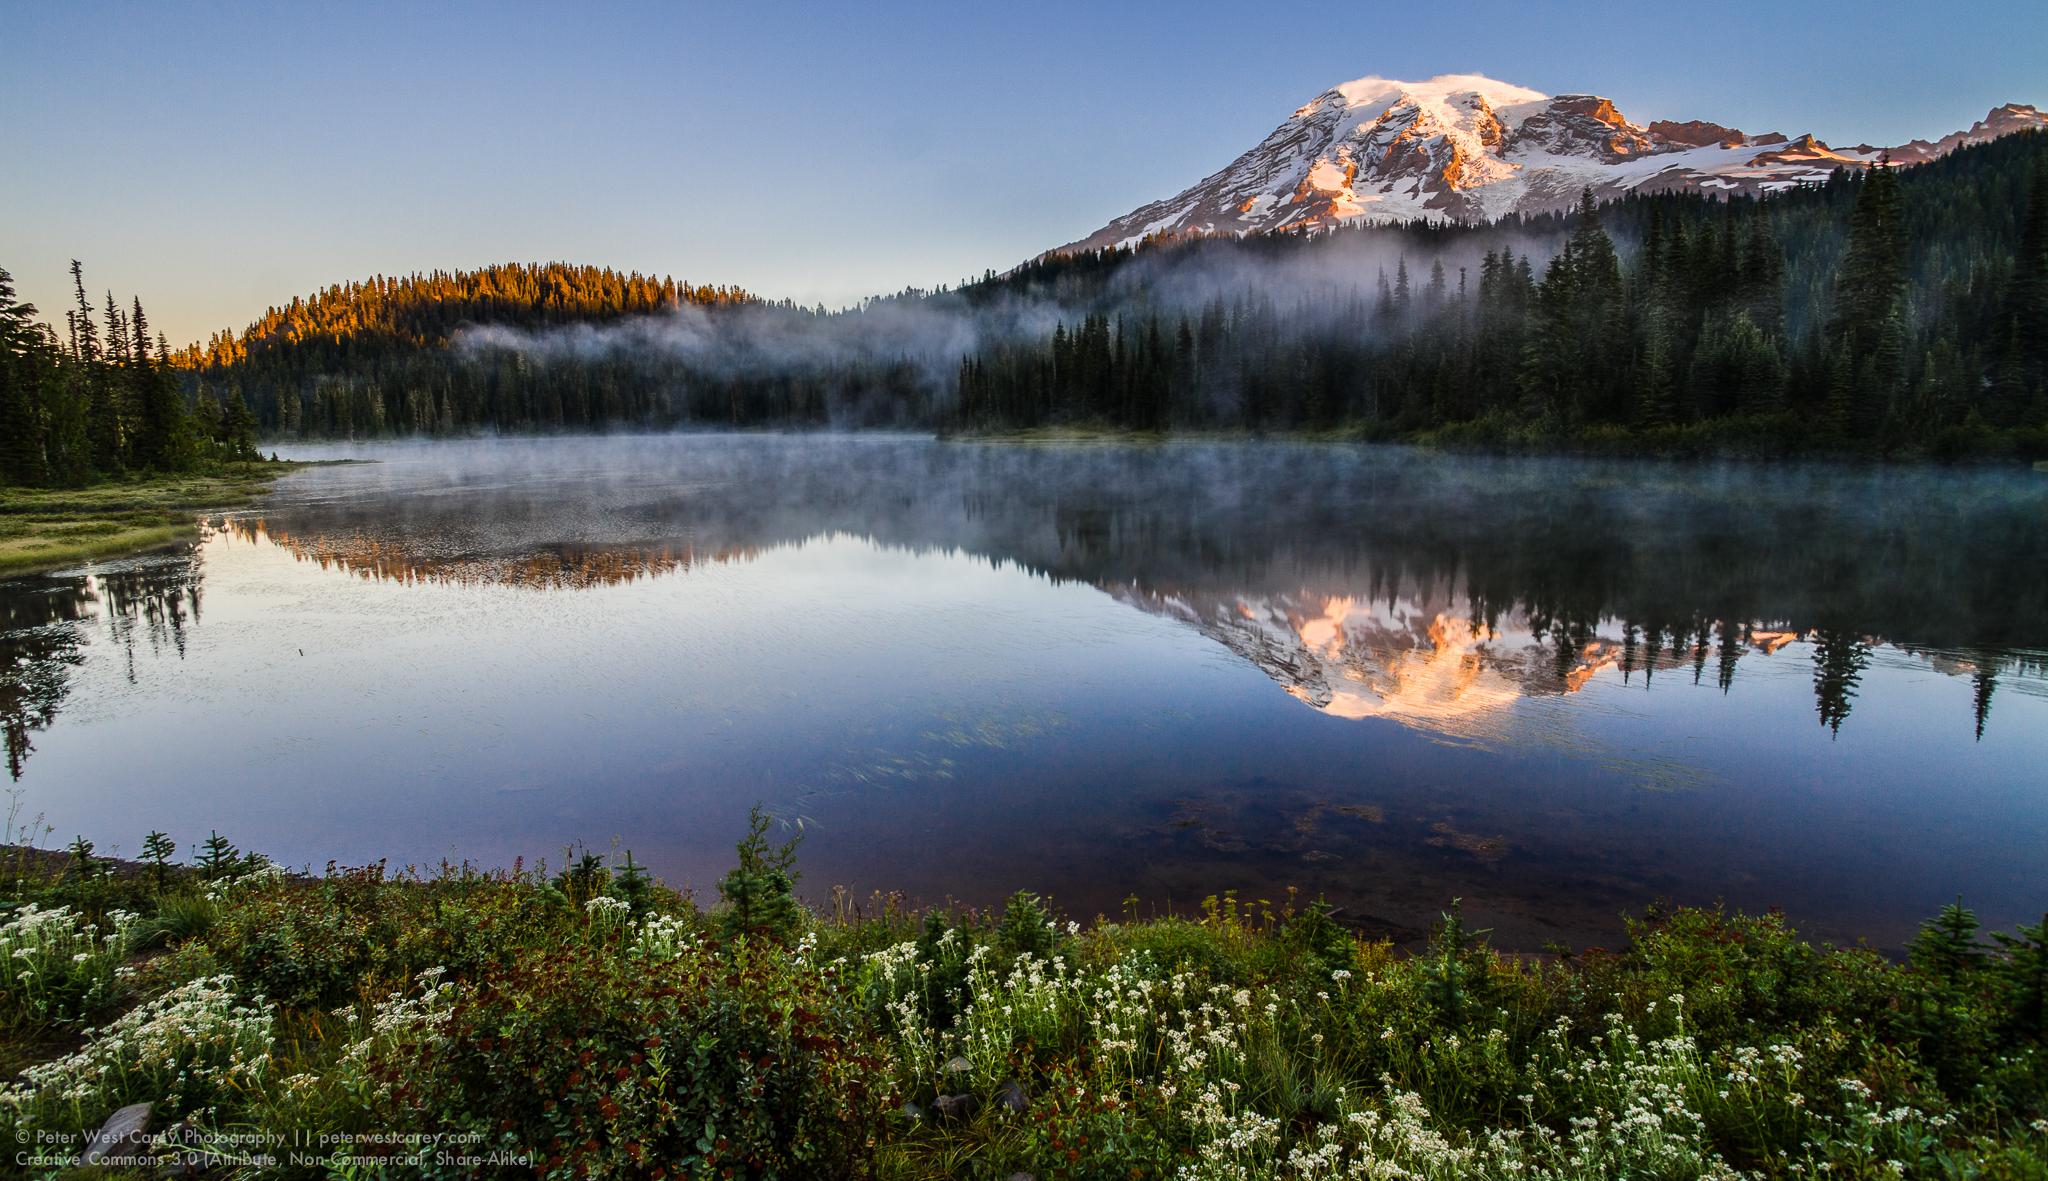 Mount Rainier And Reflection Lakes At Sunrise, Washington, USA,